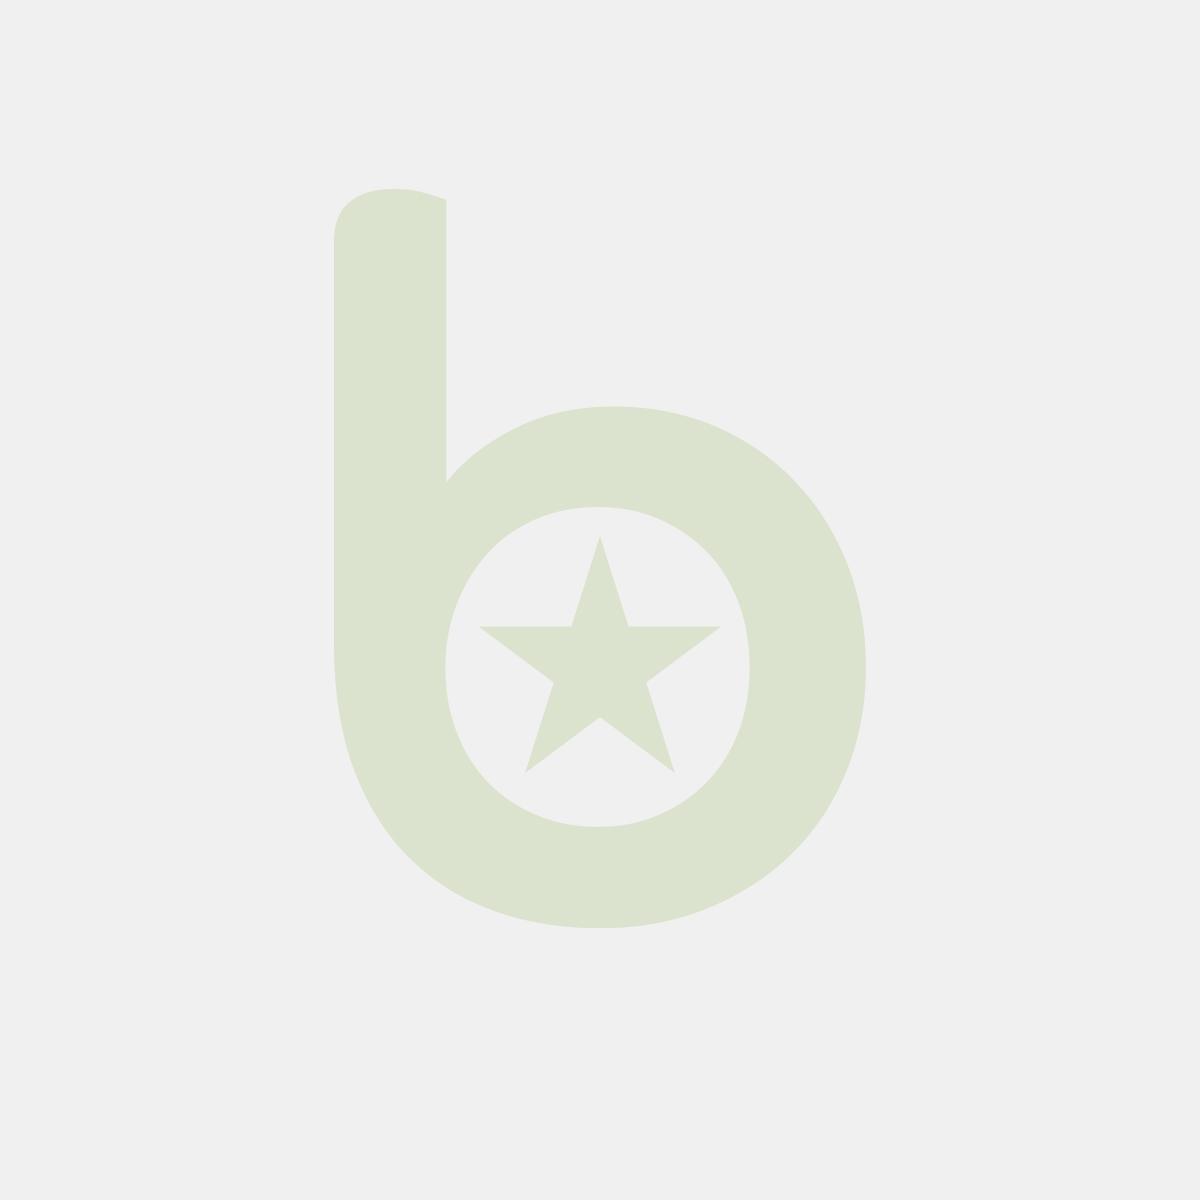 Woreczki rolowane 23/5/44 bez gilzy - 200szt